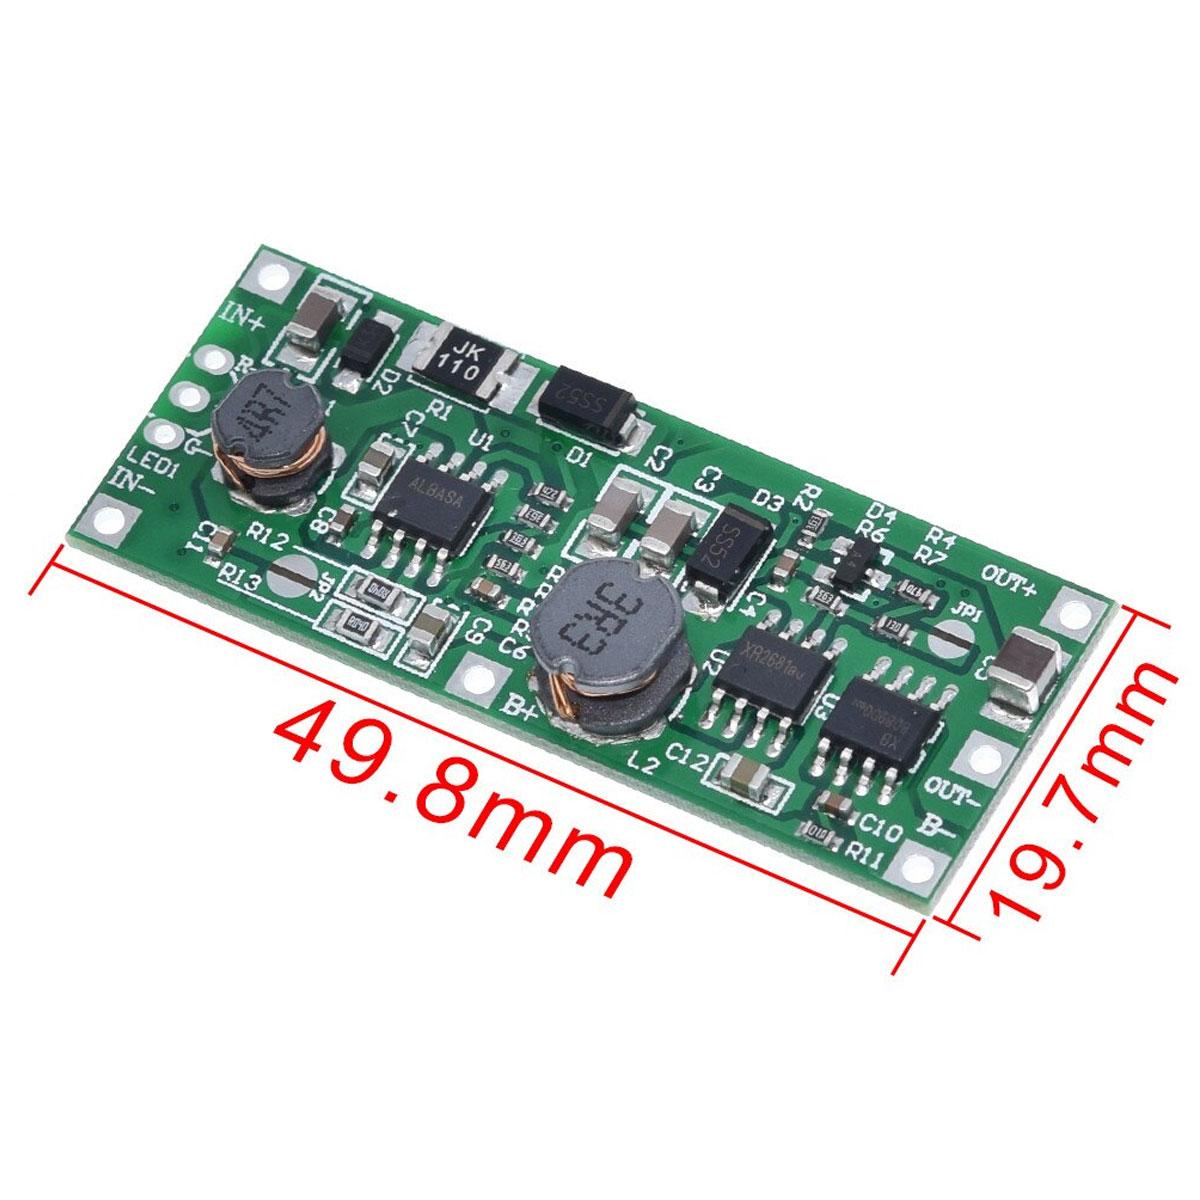 Kit DIY UPS Carregador Solar com Bateria 18650 de Lítio - Saída 12v